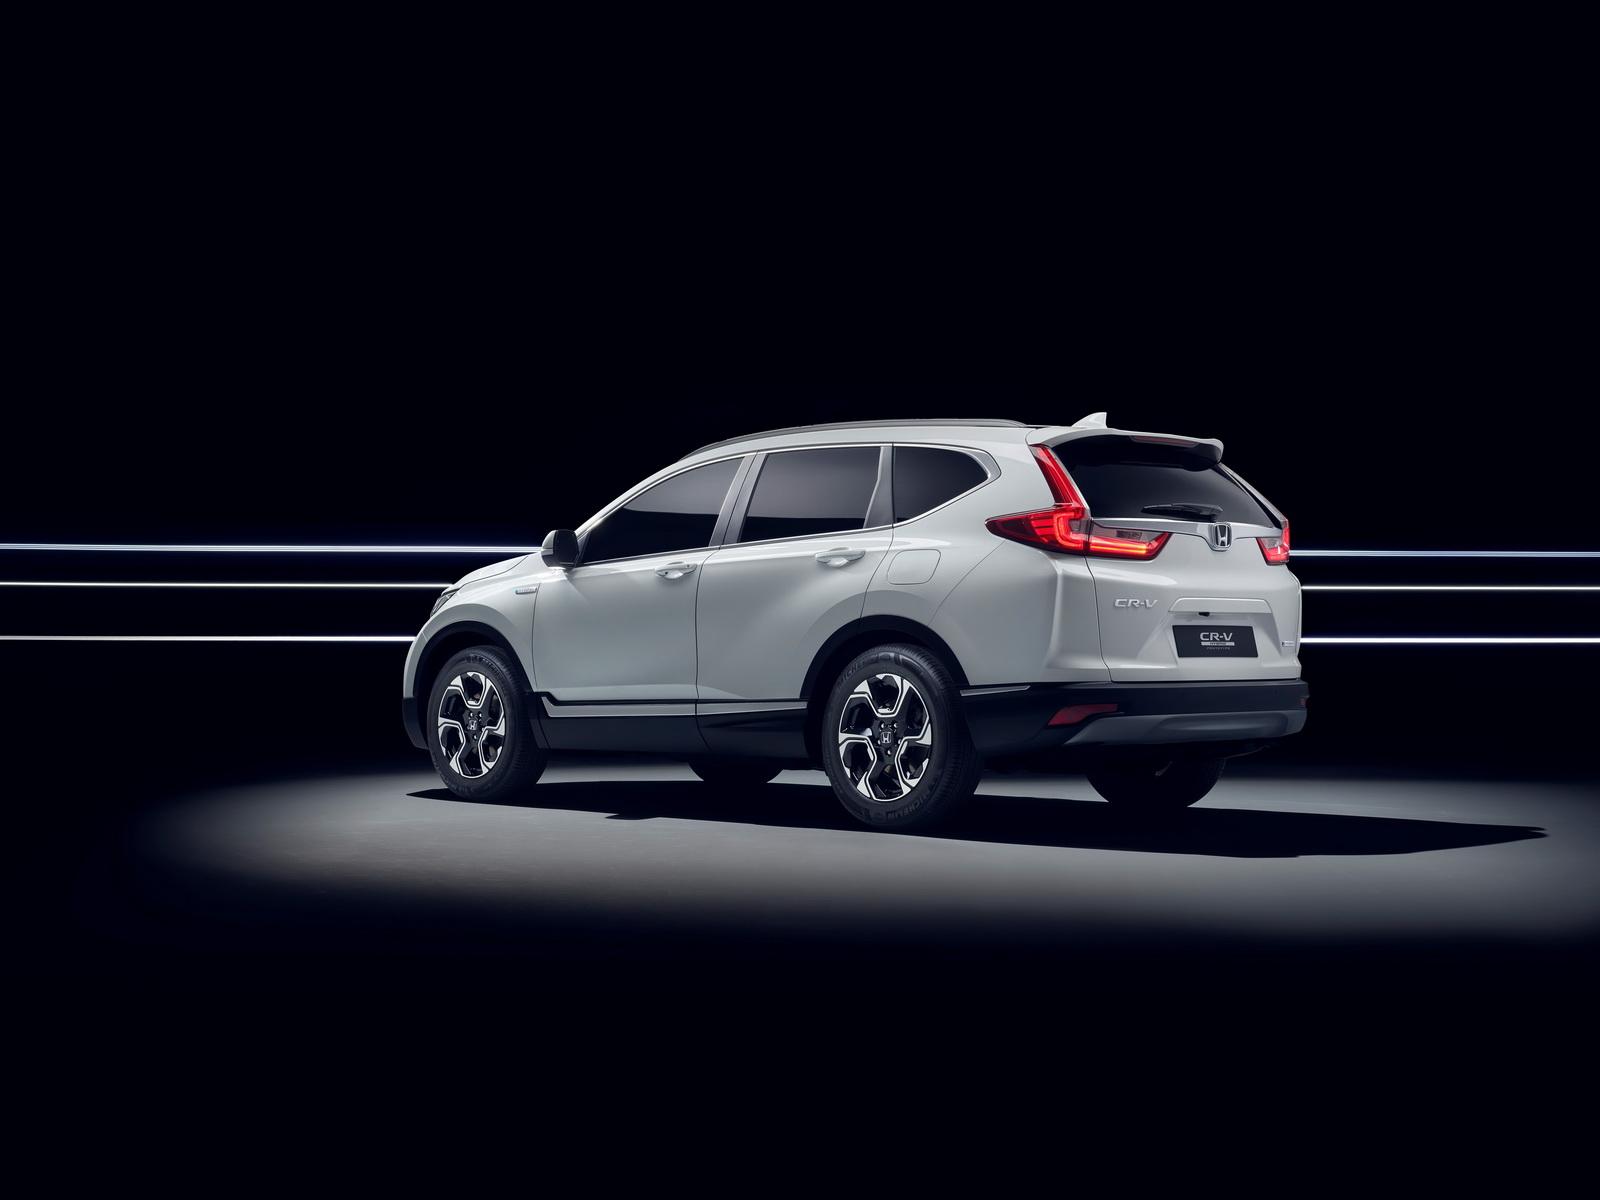 2018-honda-cr-v-hybrid-prototype-4.jpg